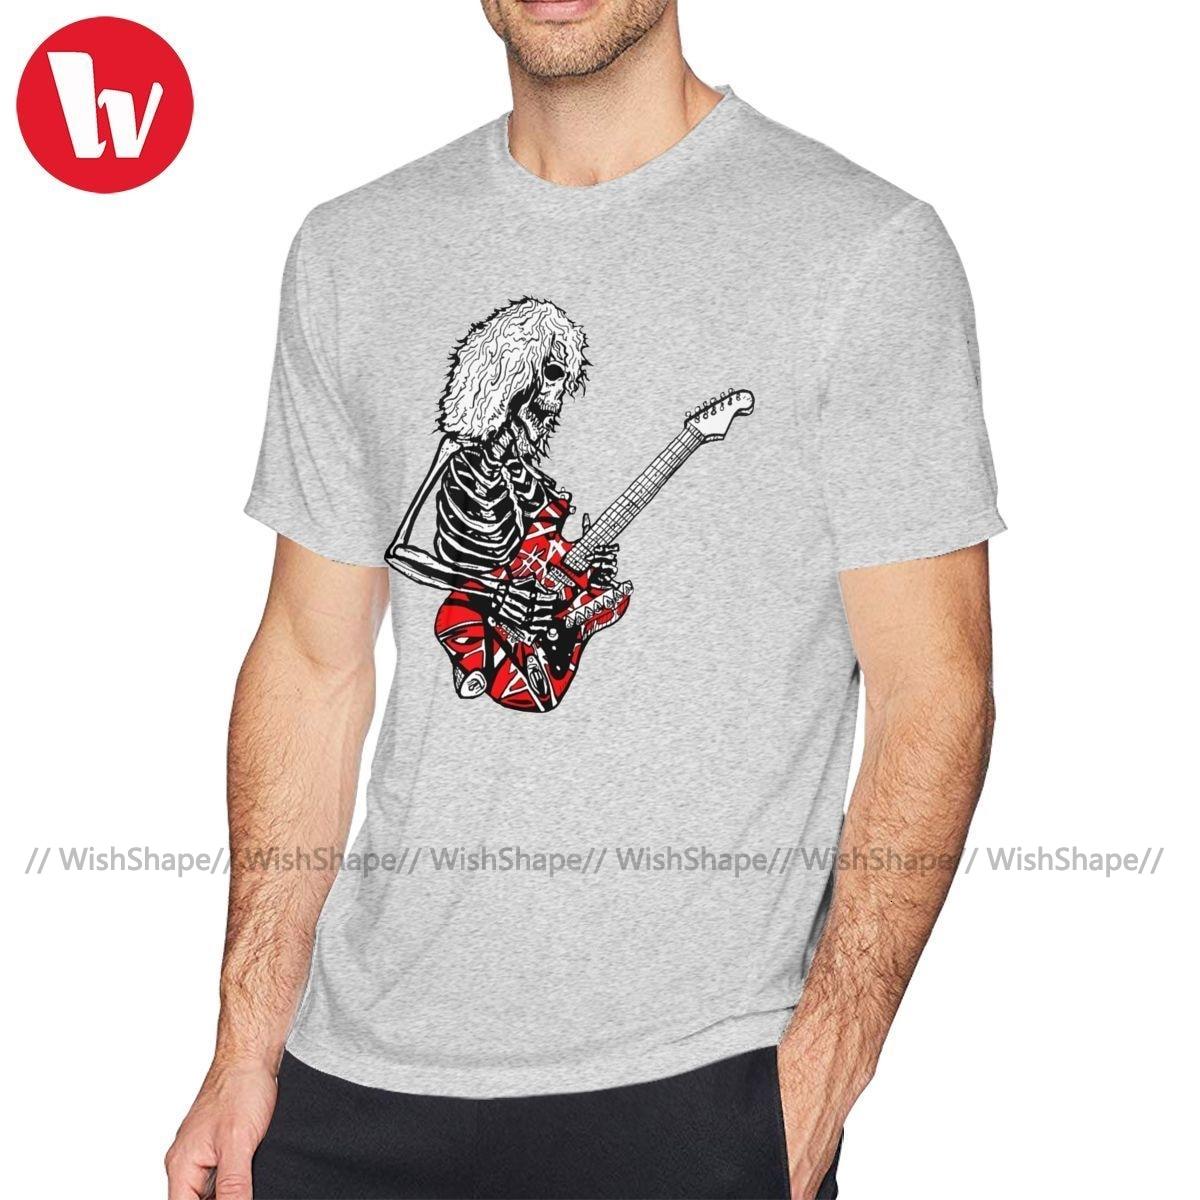 Van Halen T Shirt DEAD E Van Halen T-Shirt Streetwear Short Sleeve Tee Shirt Fun Plus size Cotton Mens Tshirt